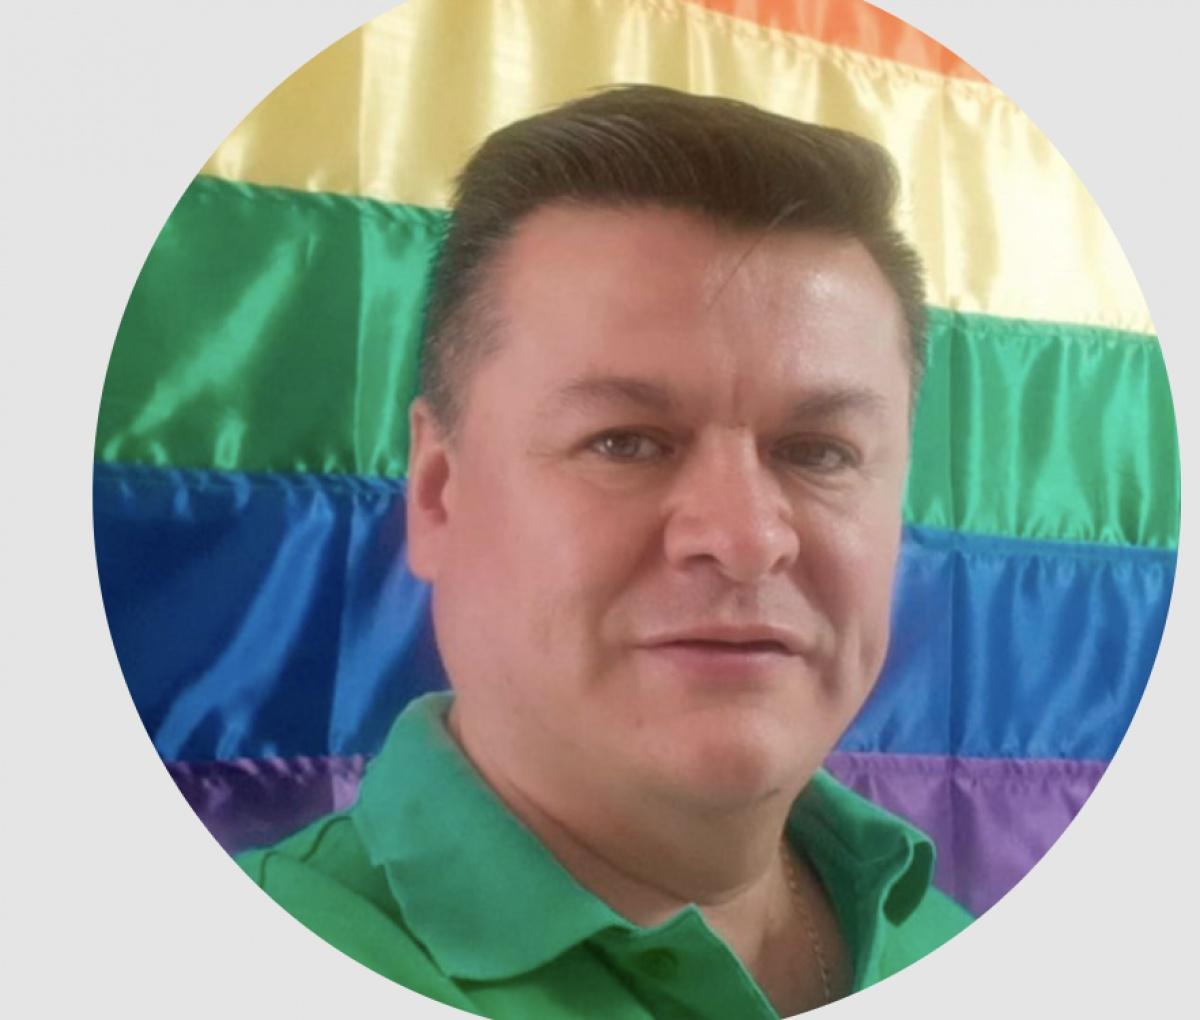 REALIDADES LGBT QUE NO SE VEN NI SE ESCUCHAN (2/2)